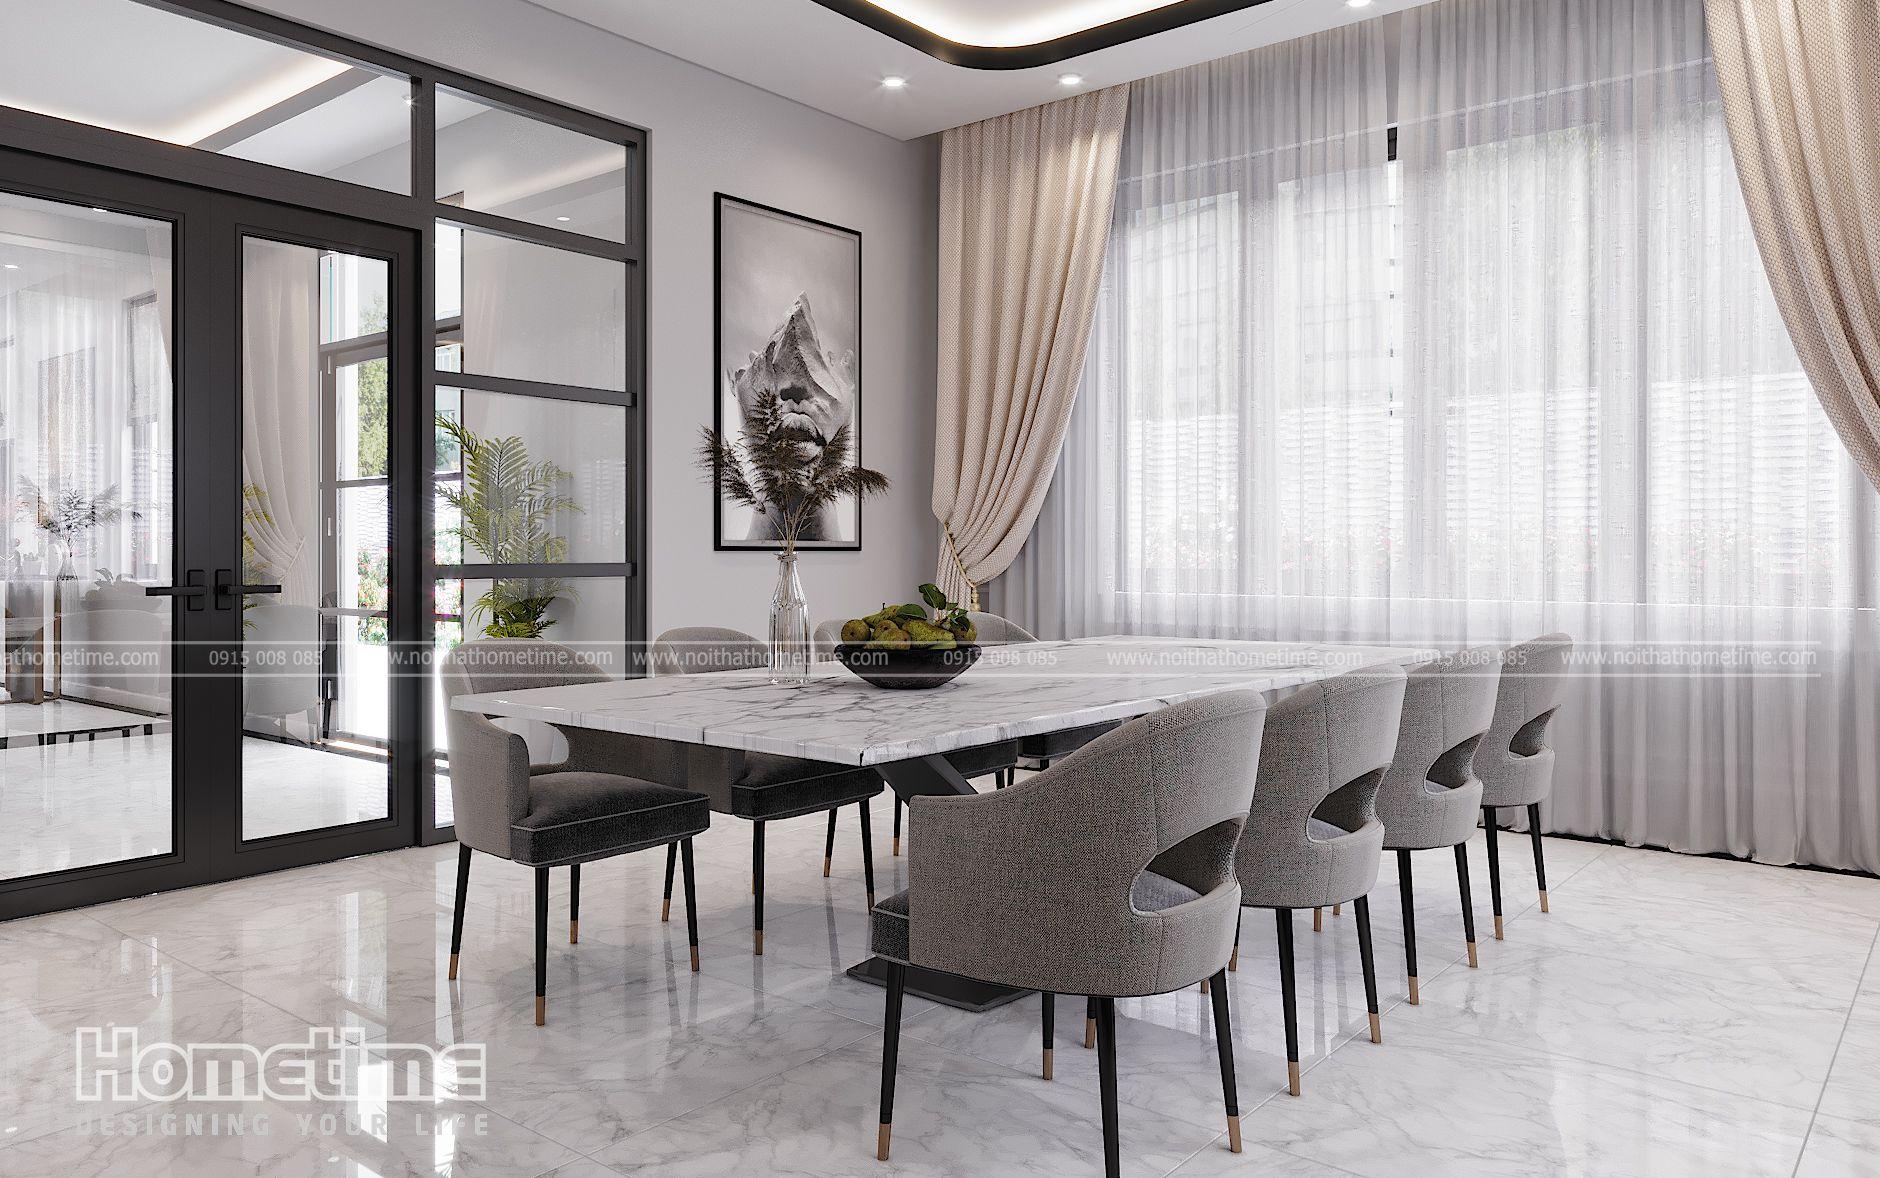 Chiếc bàn ăn rộng dành cho đại gia đình